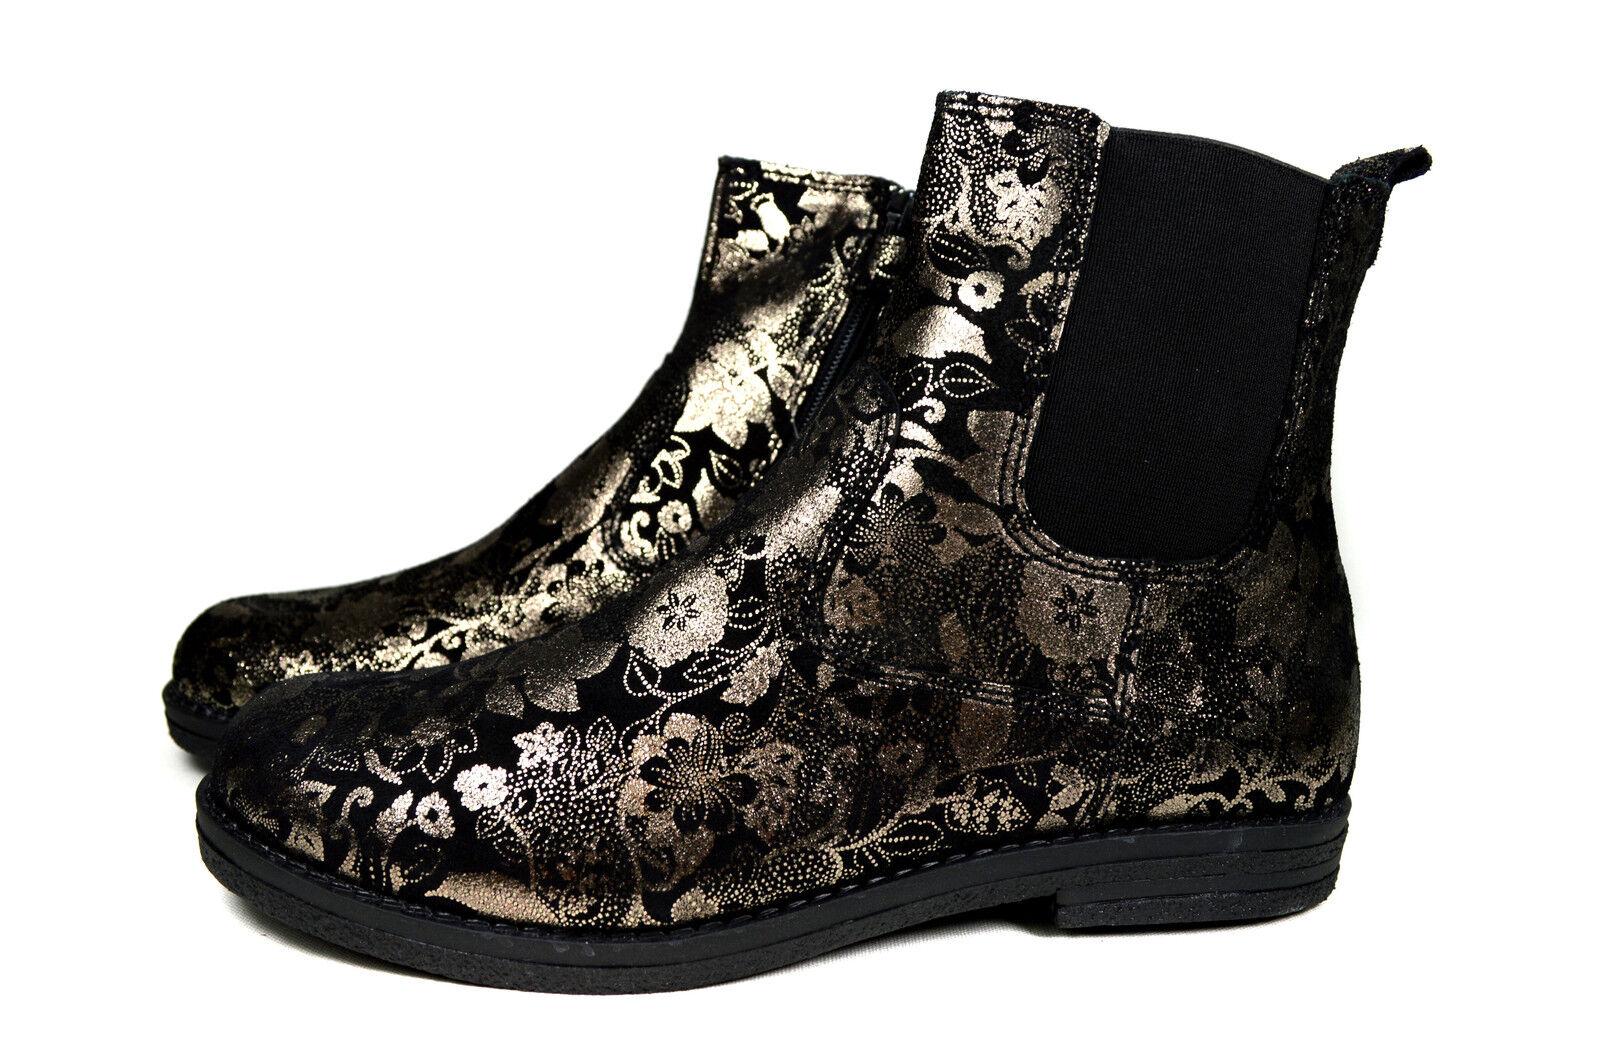 Juez niños cuero zapato botines chelsea cálido botas a.3942.833